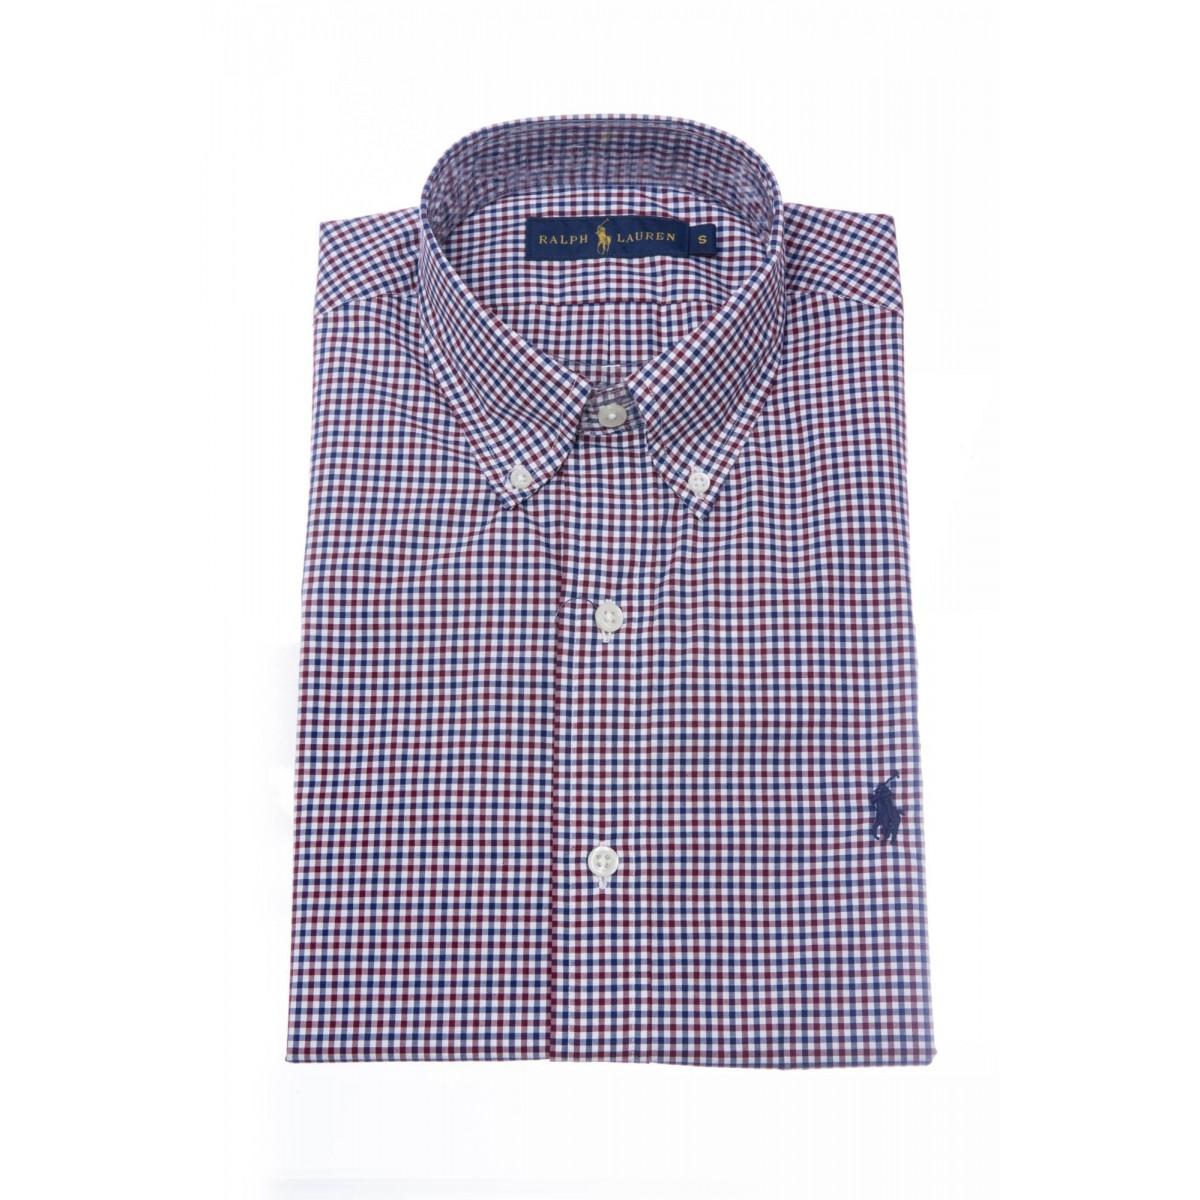 Shirt Man Ralph lauren - A04w37cpc55ak custom